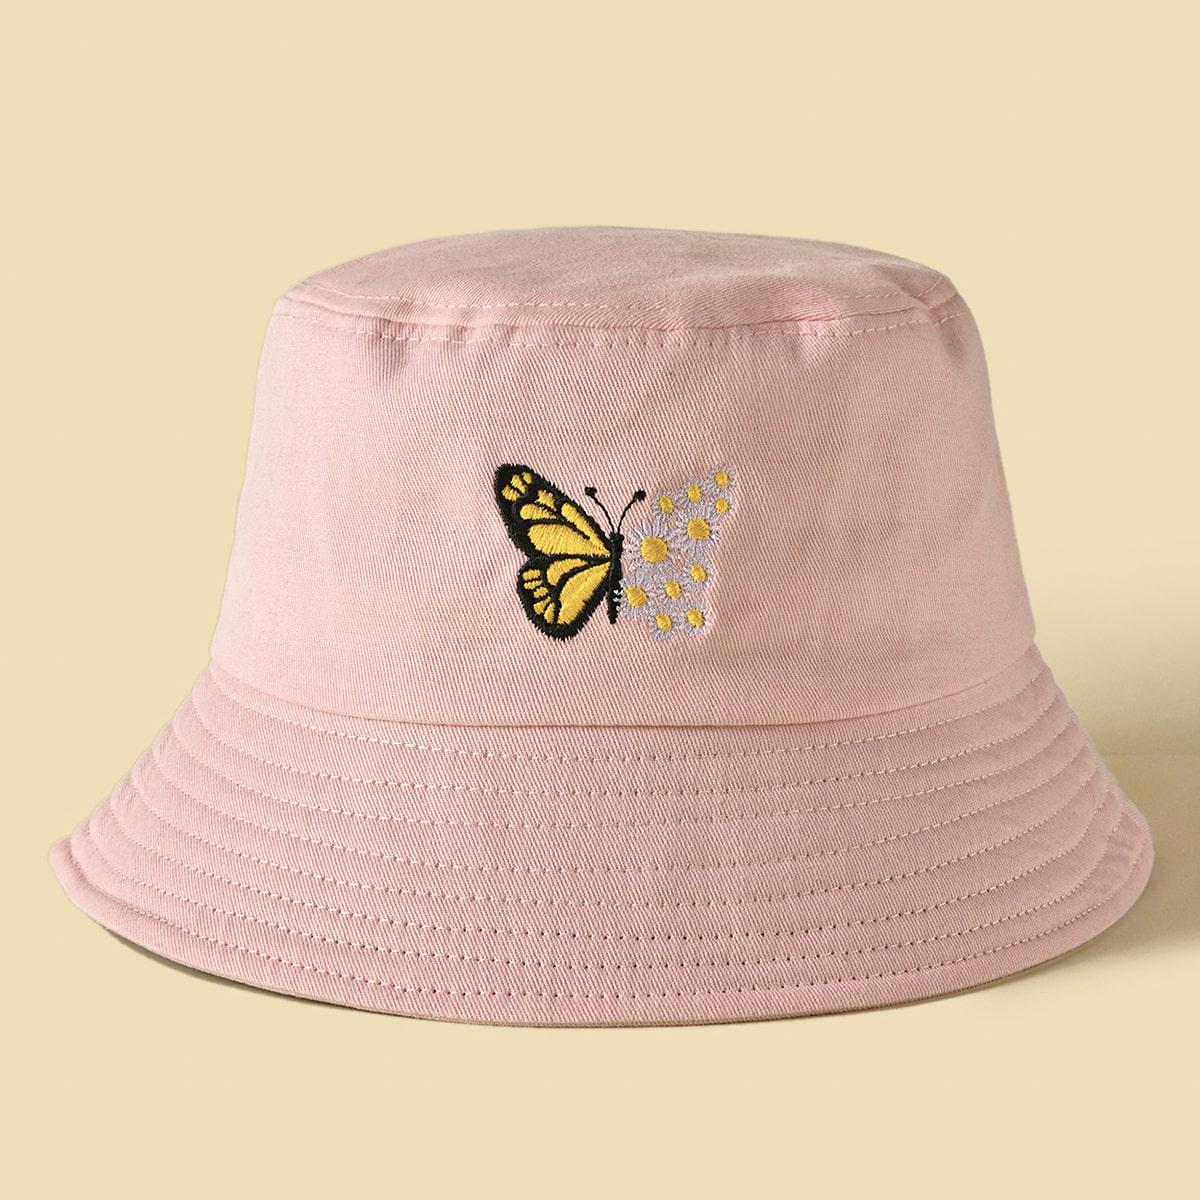 Шляпа с вышивкой бабочки фото